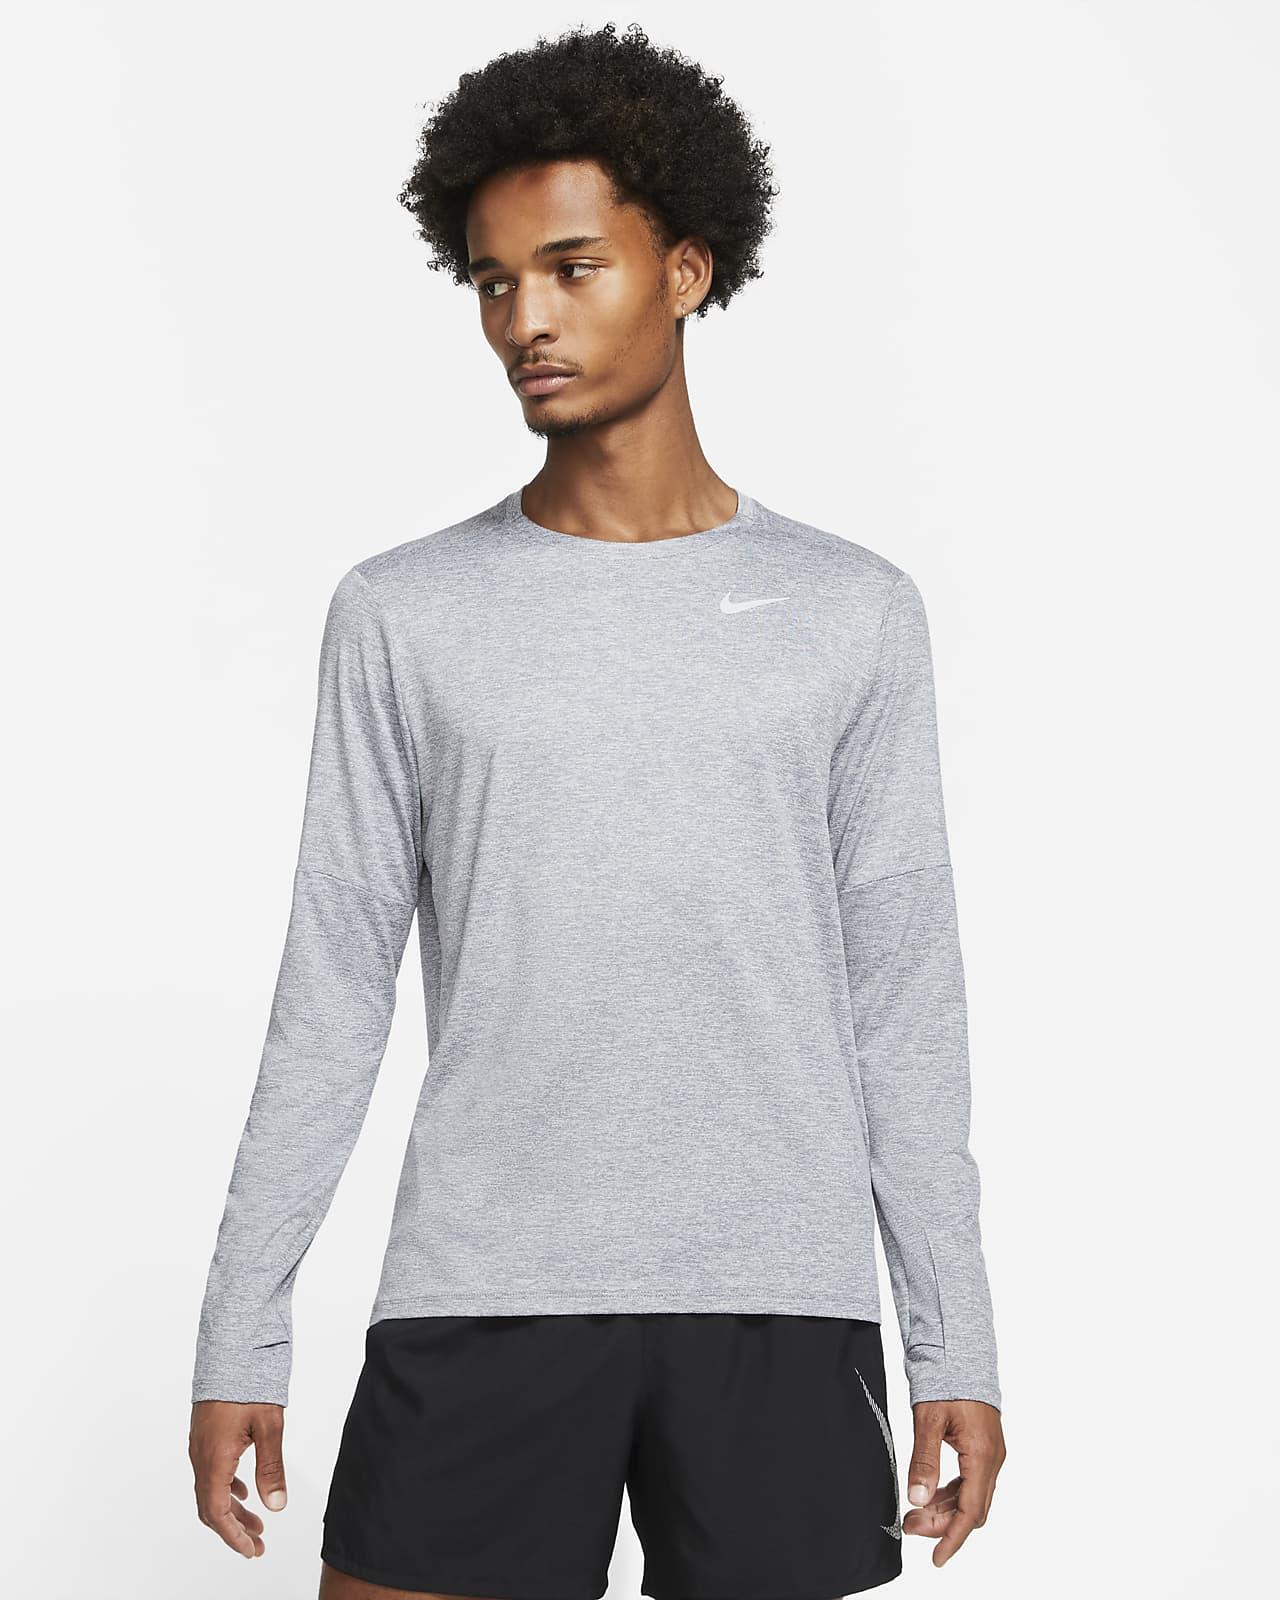 Haut de running Nike Dri-FIT pour Homme